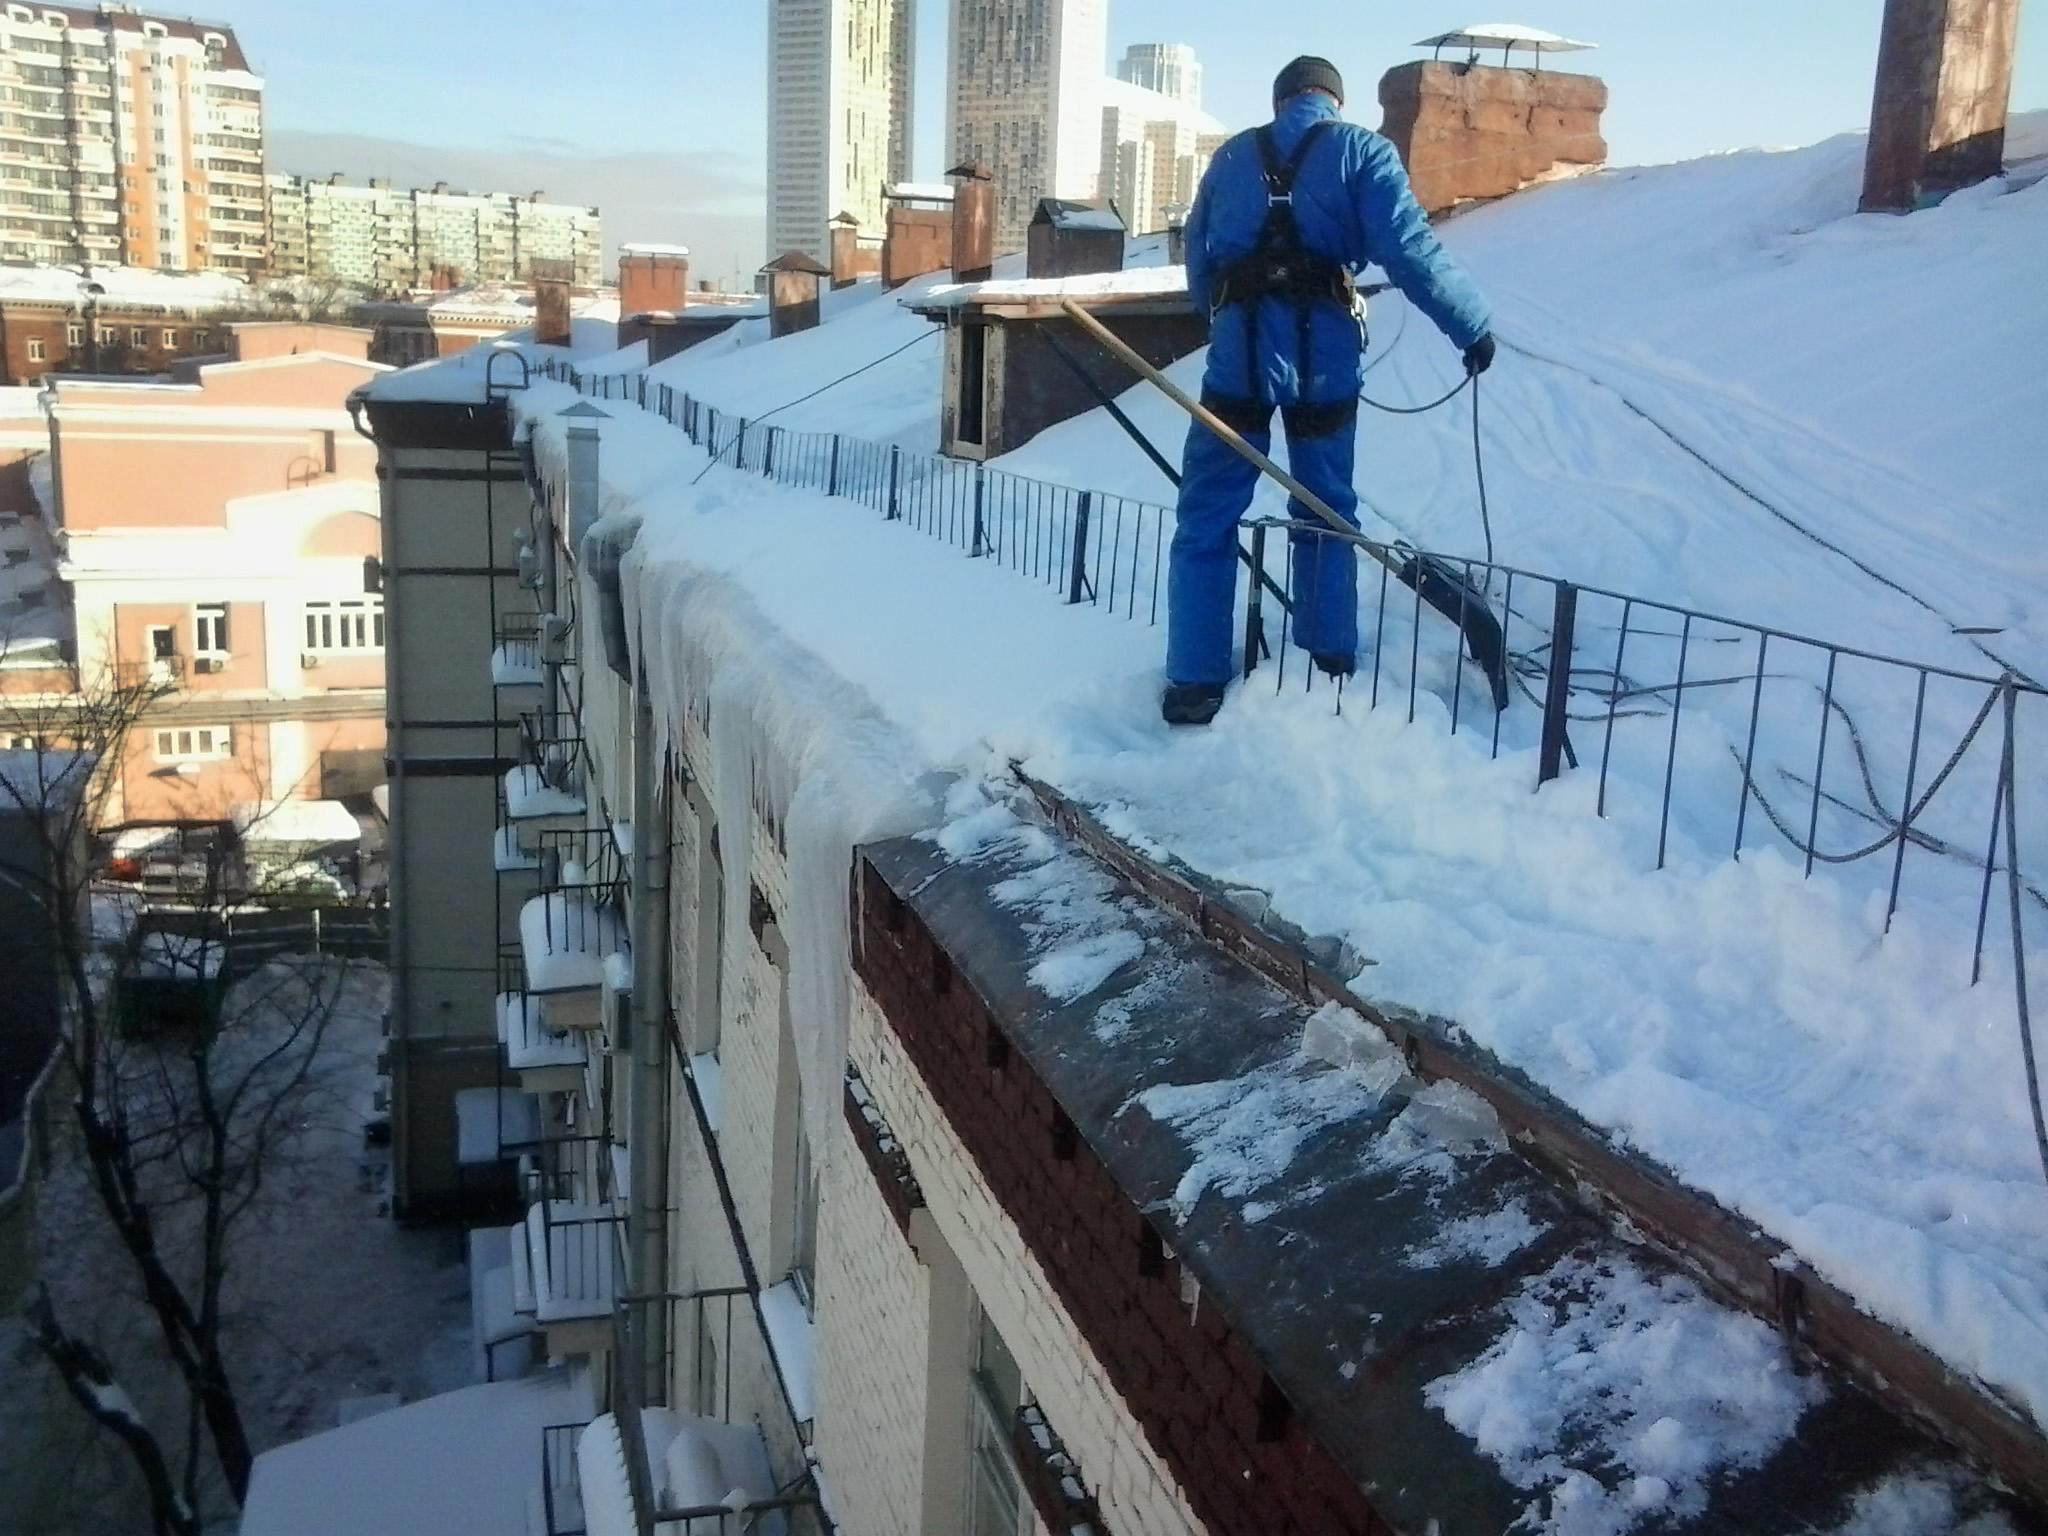 ВЕкатеринбурге умер рабочий, сорвавшийся скрыши впроцессе уборки снега